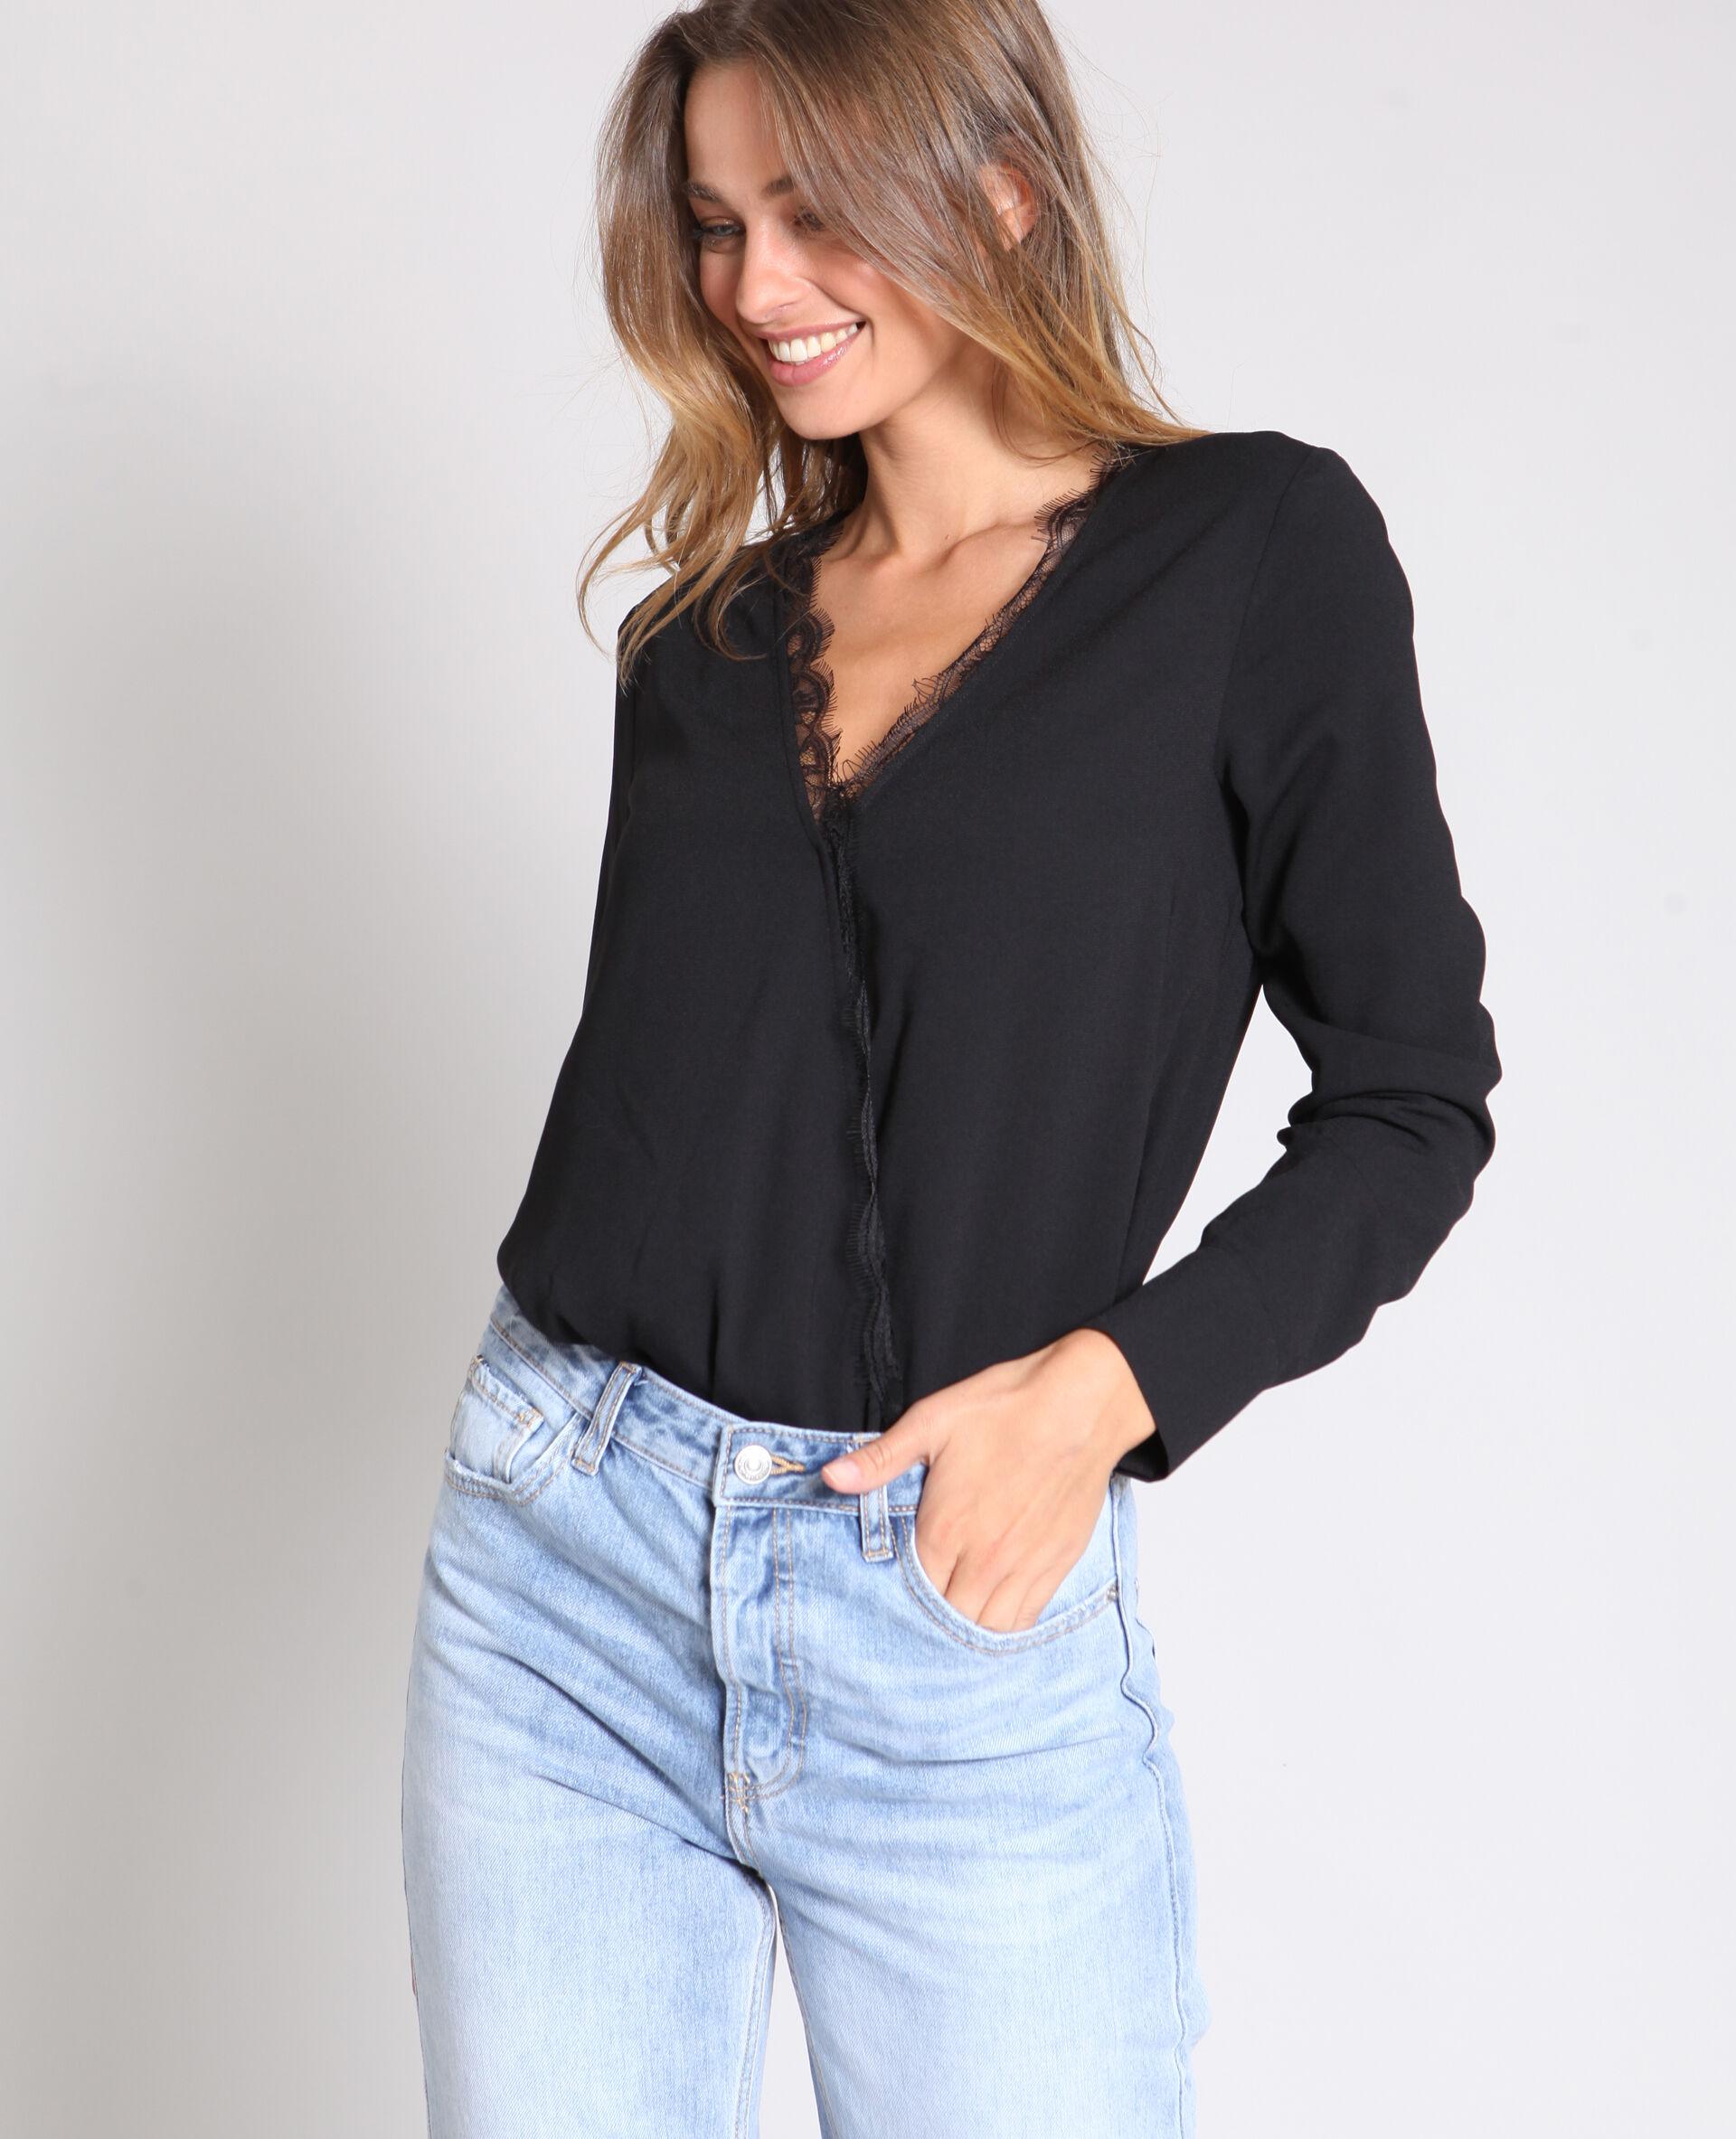 Soldes Body chemisier Femme -50% - Couleur noir - Taille S - PIMKIE - Mode Femme